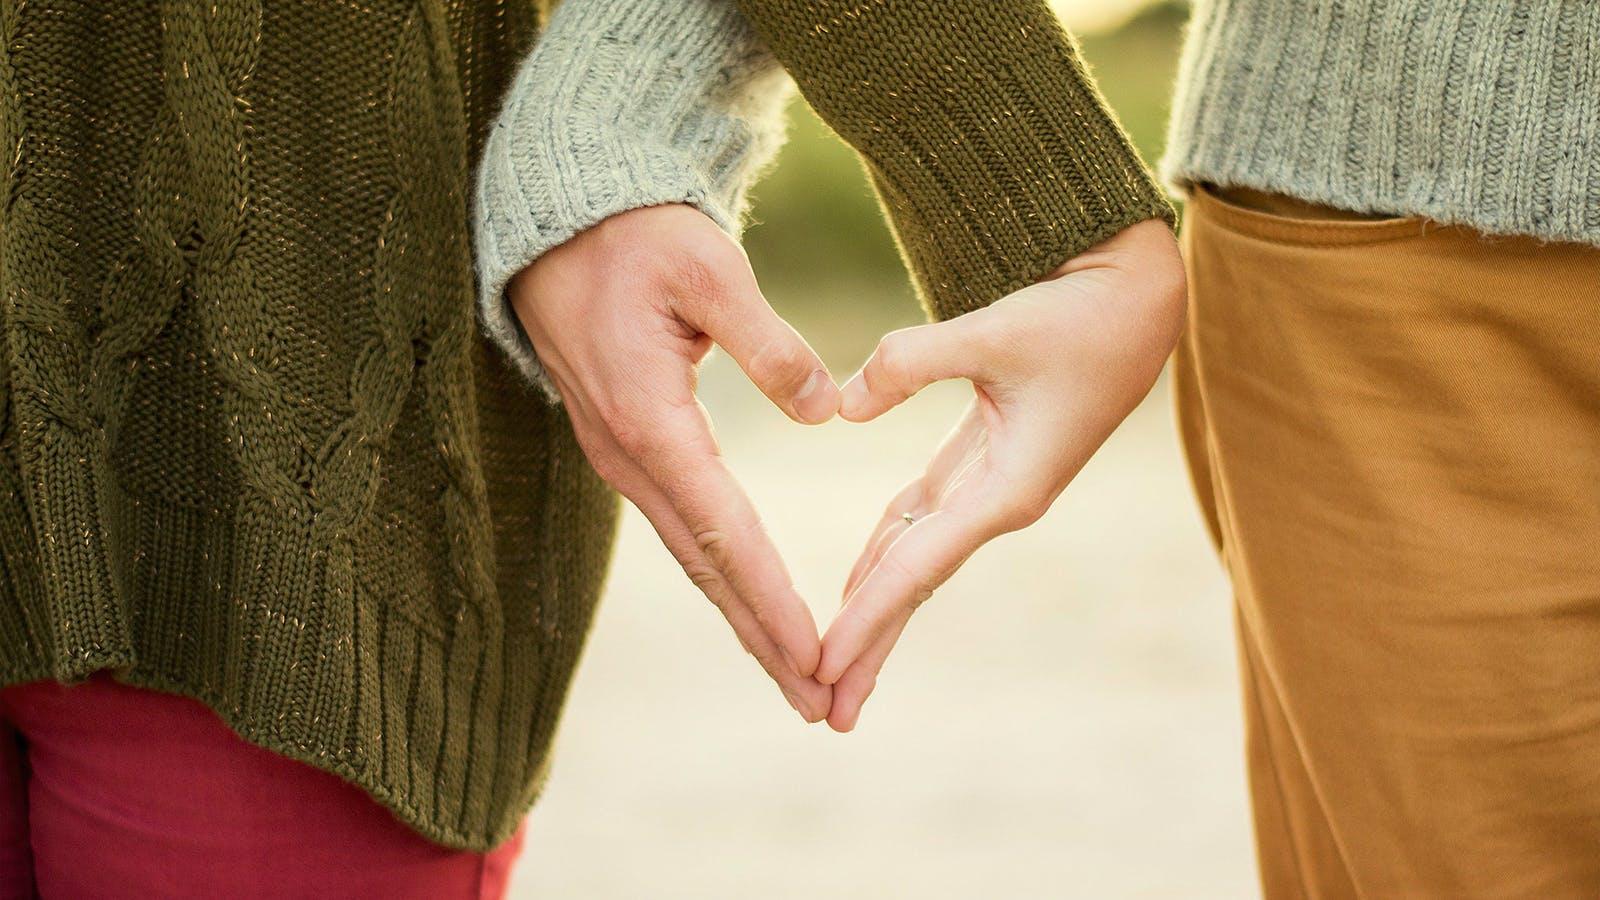 عشق در زندگی مشترک